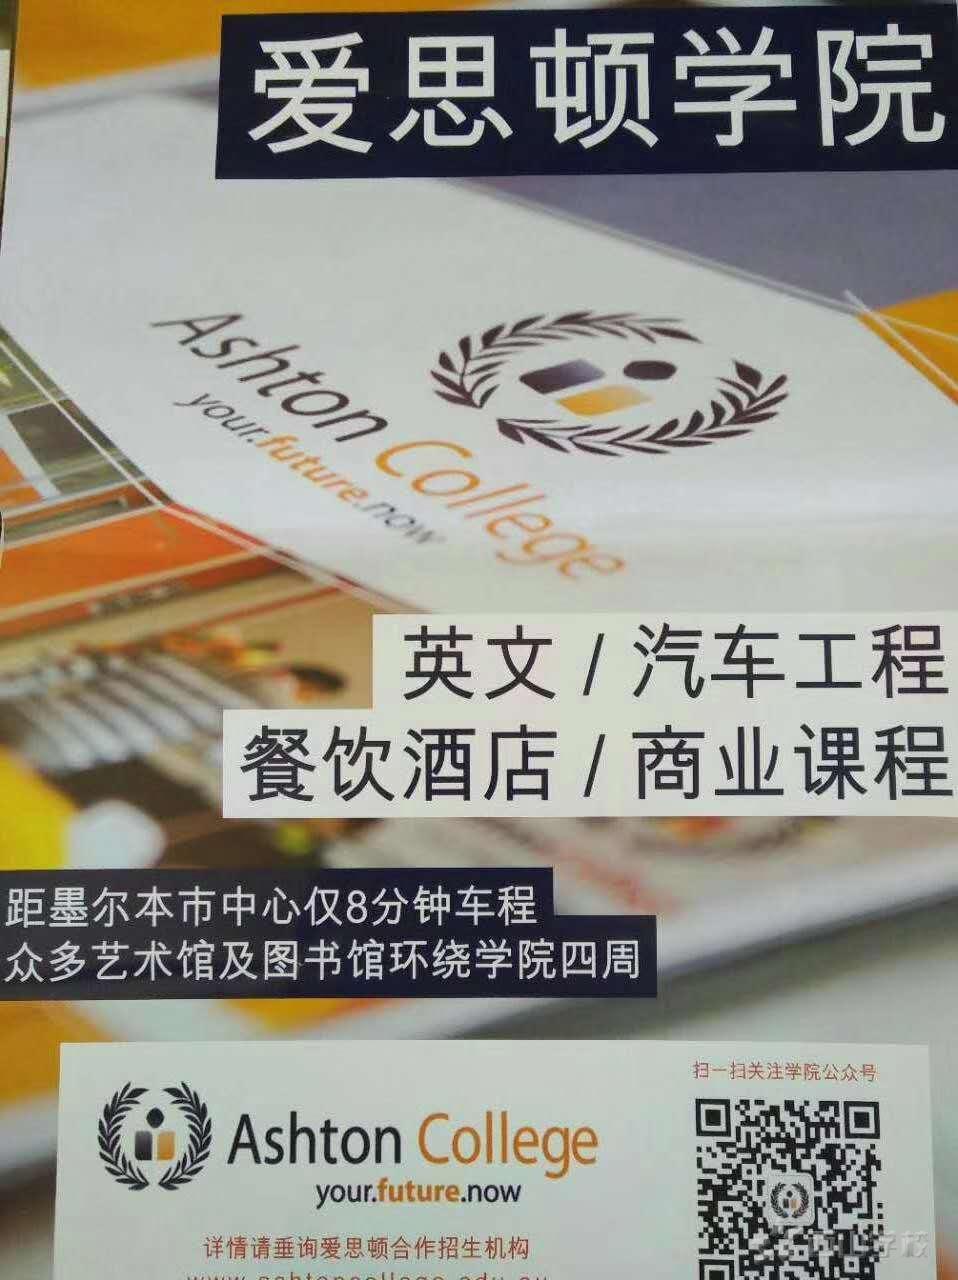 热烈祝贺福清西山职业技术学校首届中澳班学生留学签证通过率百分之百!